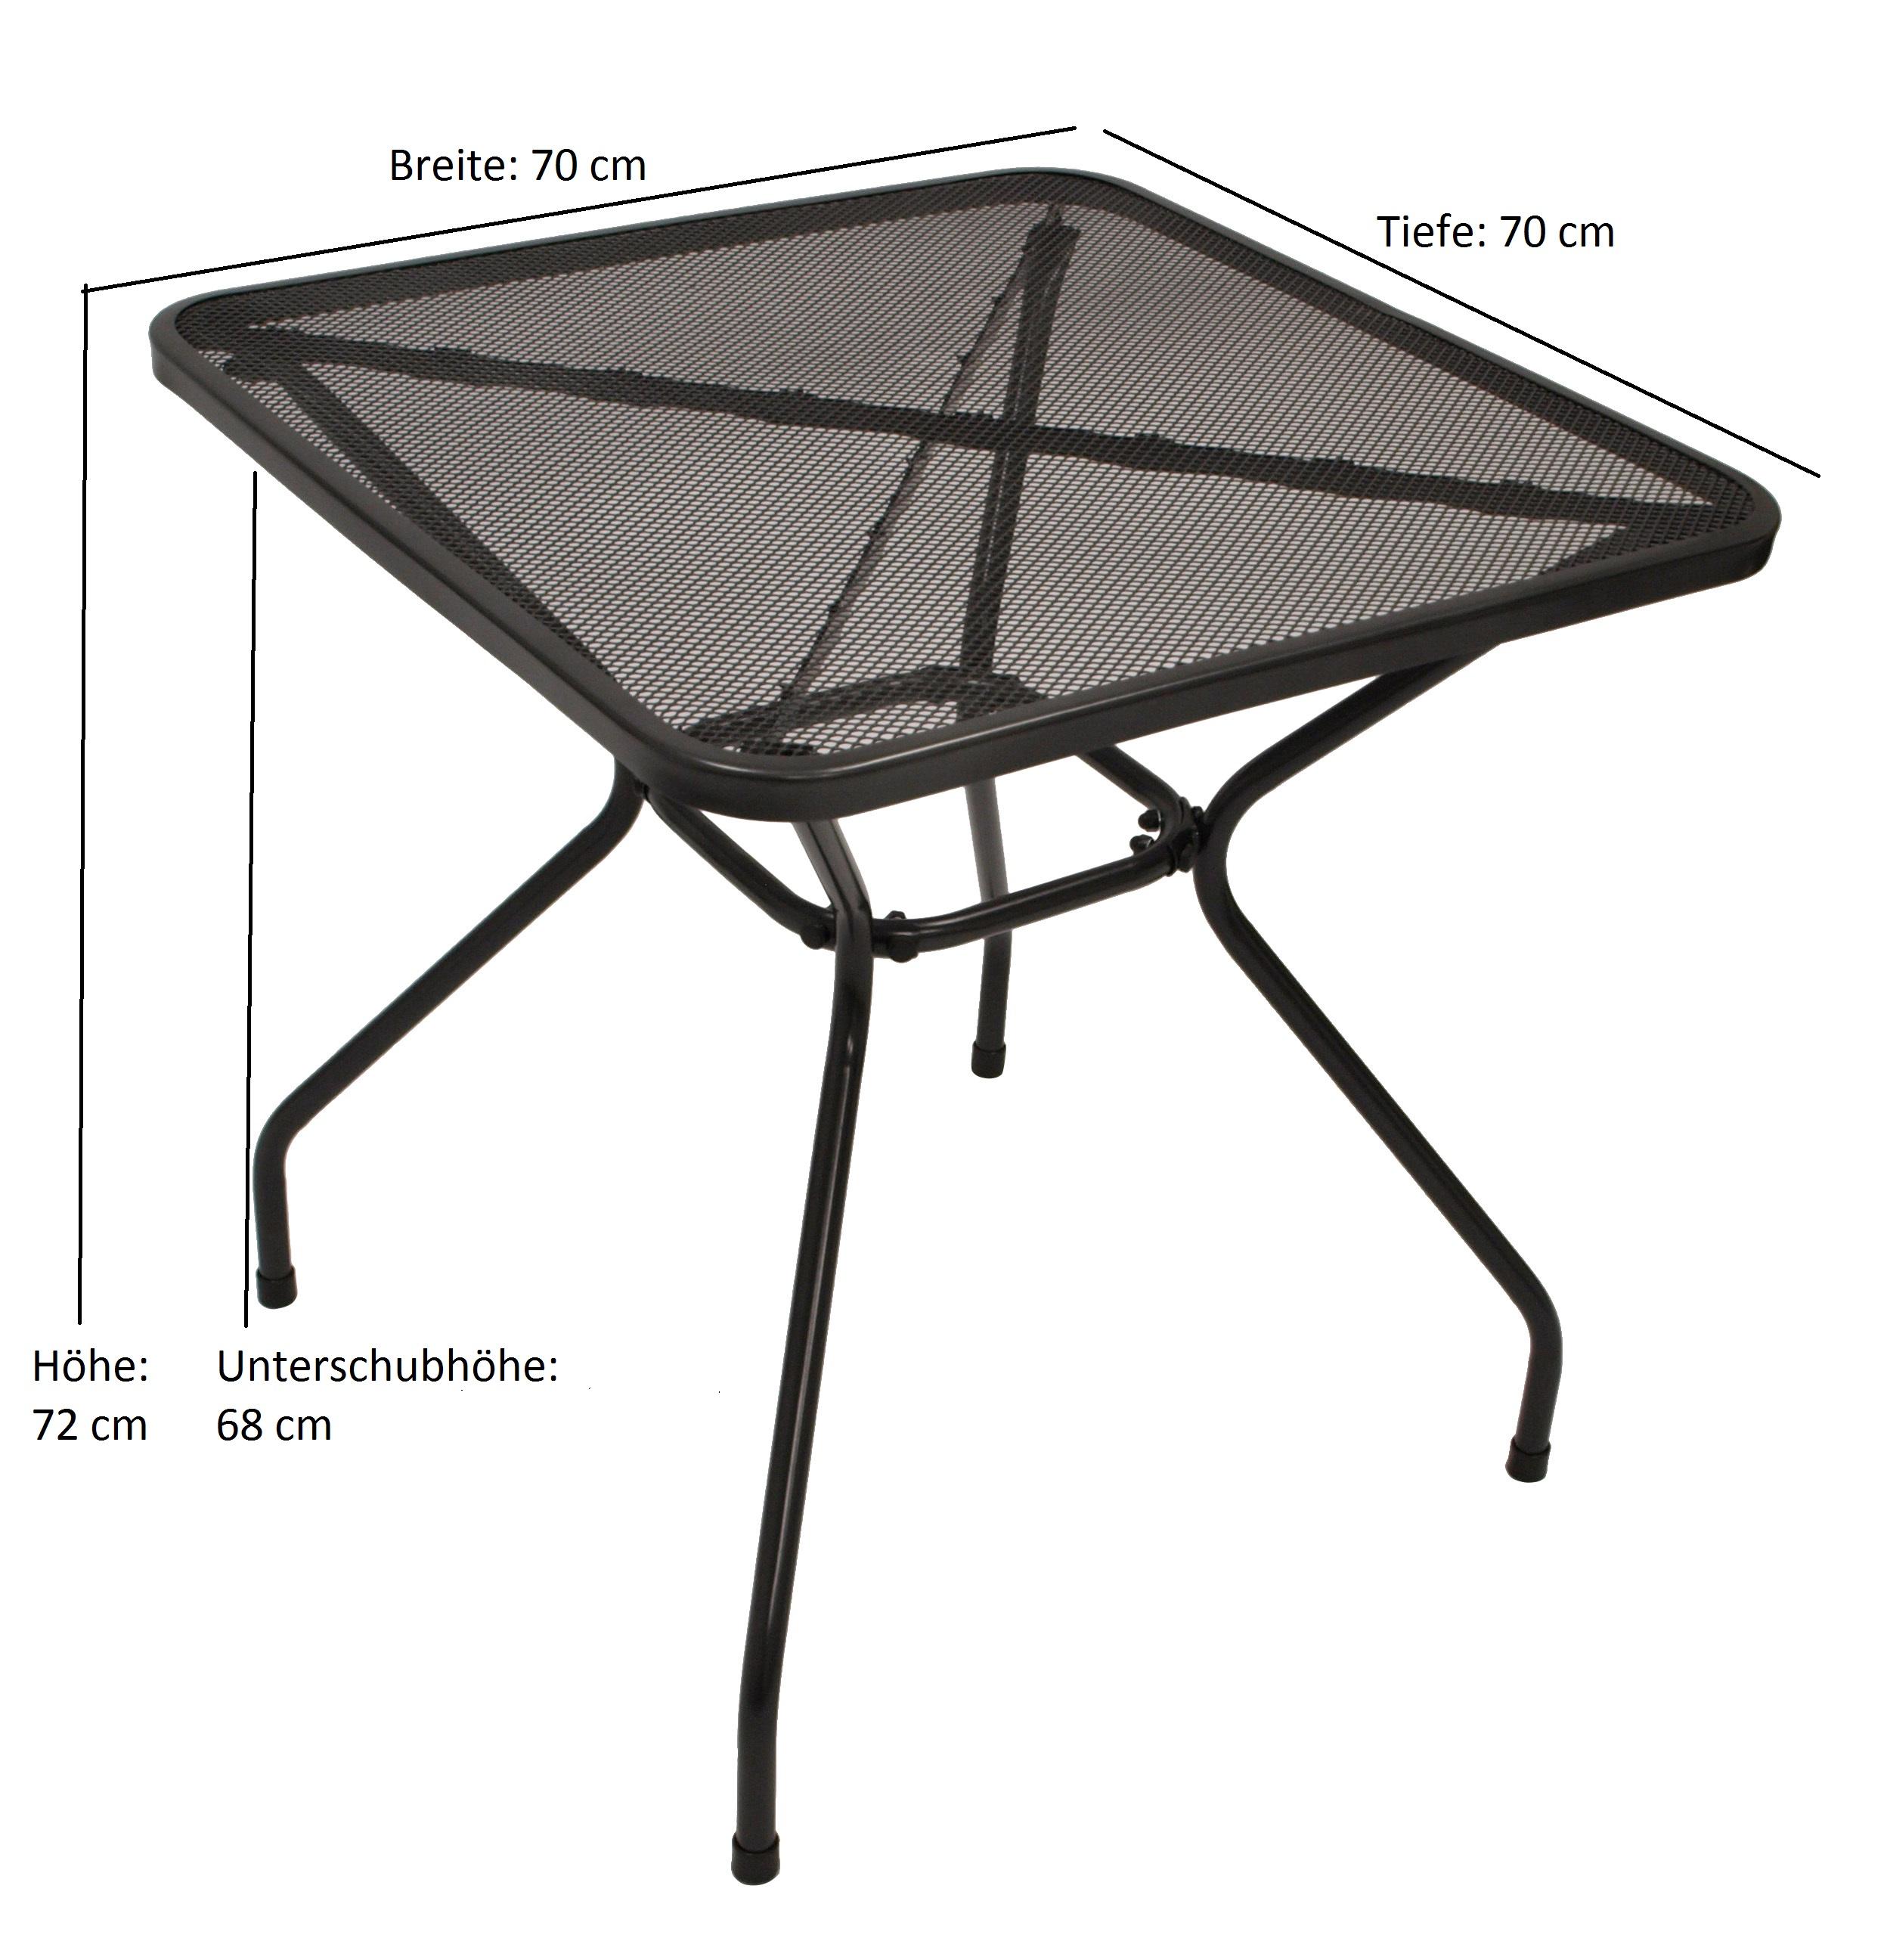 Garnitur CLASSIC 3-teilig, Streckmetall anthrazit (Tisch 70x70cm)